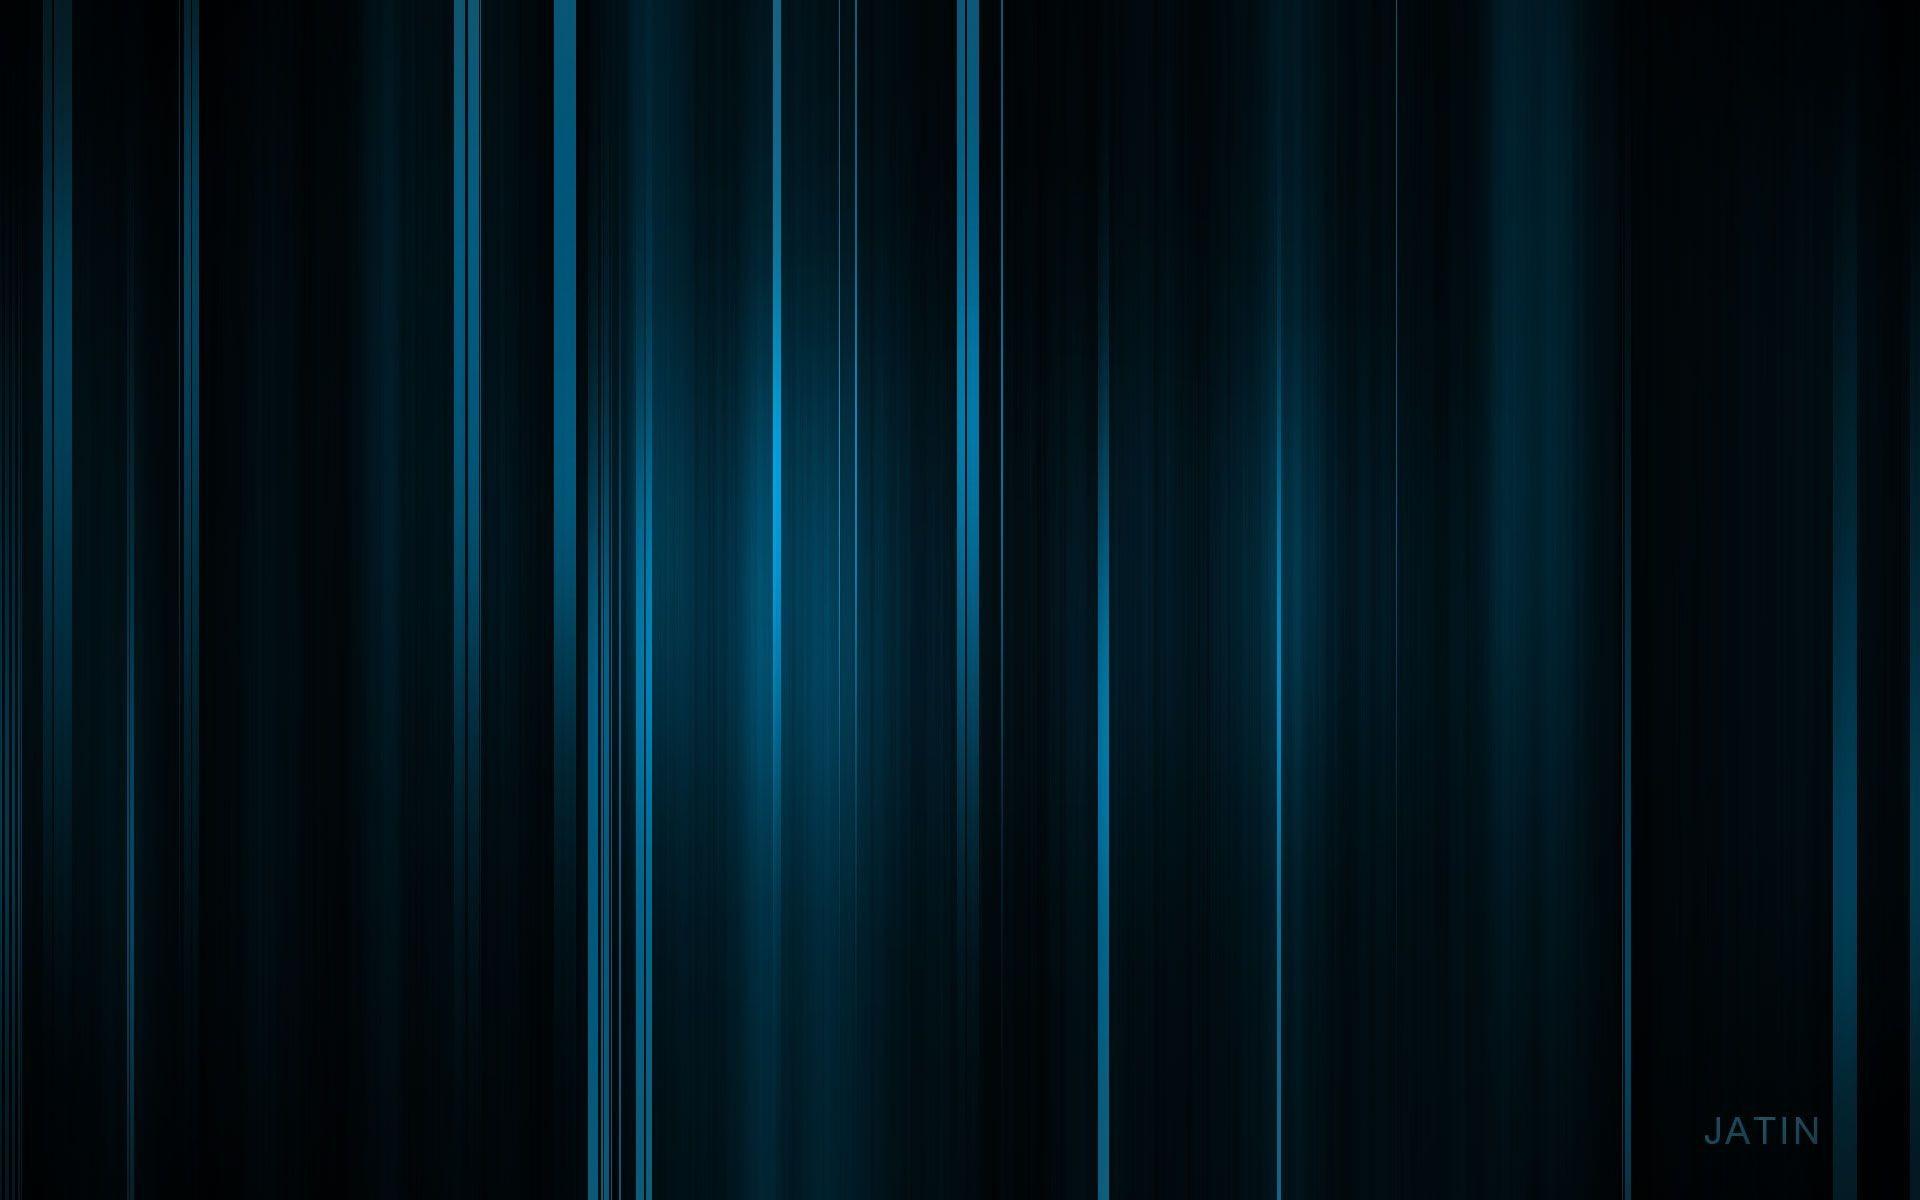 … Dark Colored Wallpaper Wallpapersafari. Download